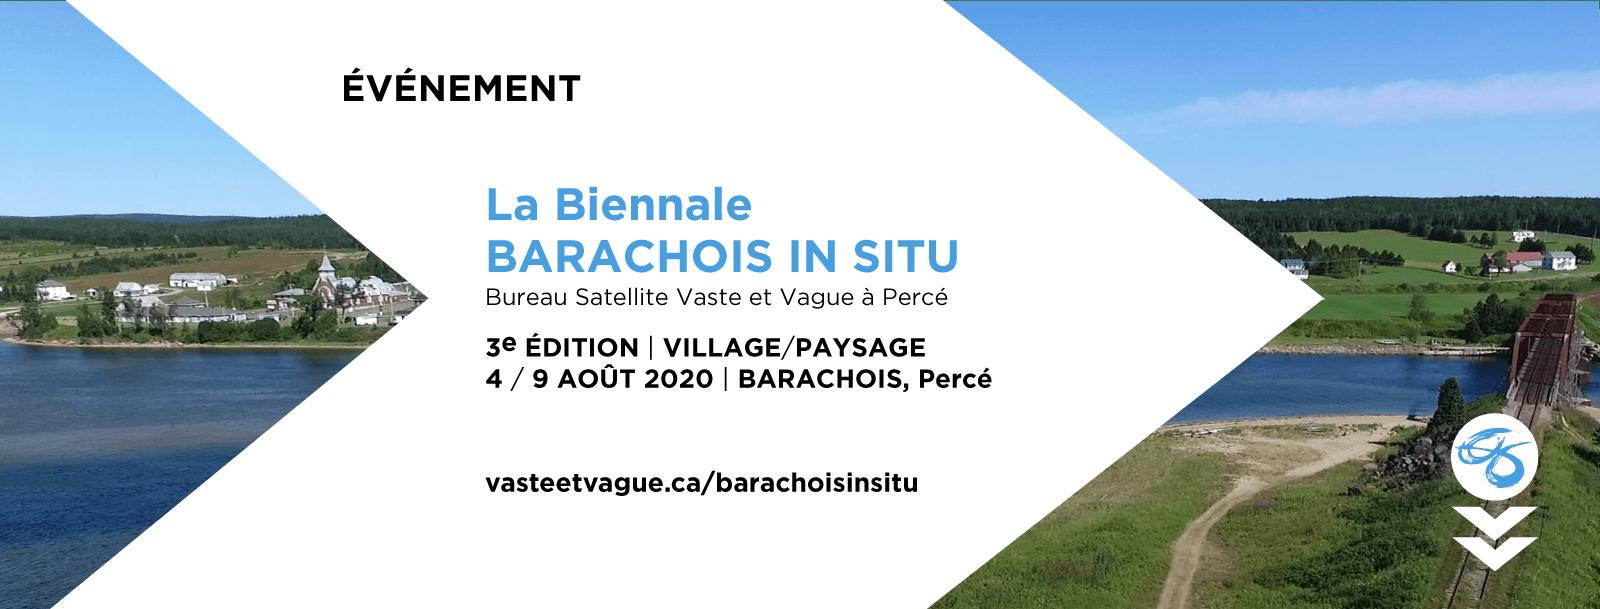 LA BIENNALE BARACHOIS IN SITU   3e ÉDITION   VILLAGE/PAYSAGE Événement de création in situ   4 au 9 août 2020